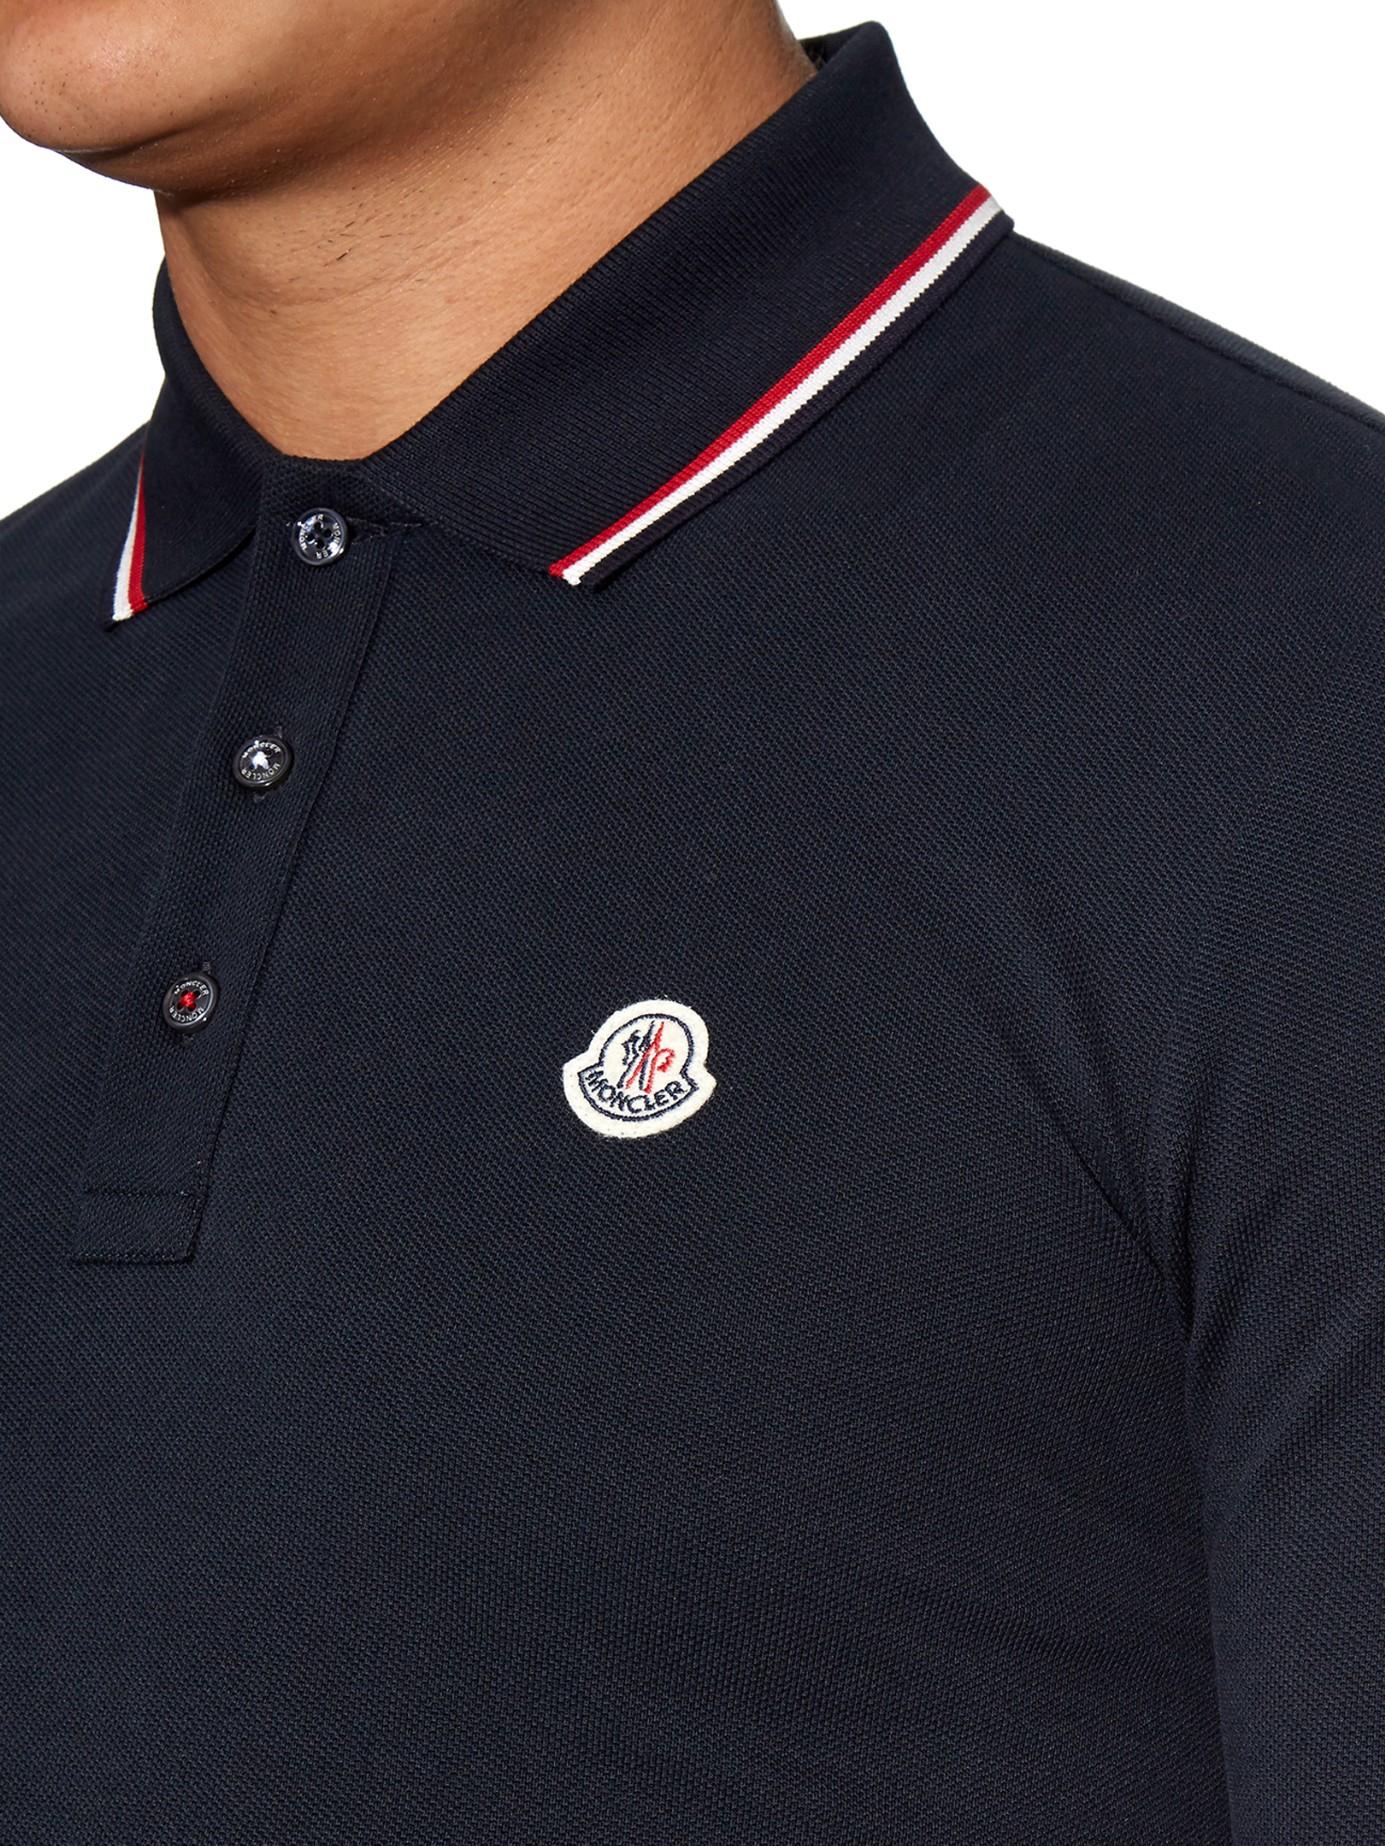 a72f5d94 Moncler Stripe-trim Cotton-piqué Polo Shirt in Blue for Men - Lyst